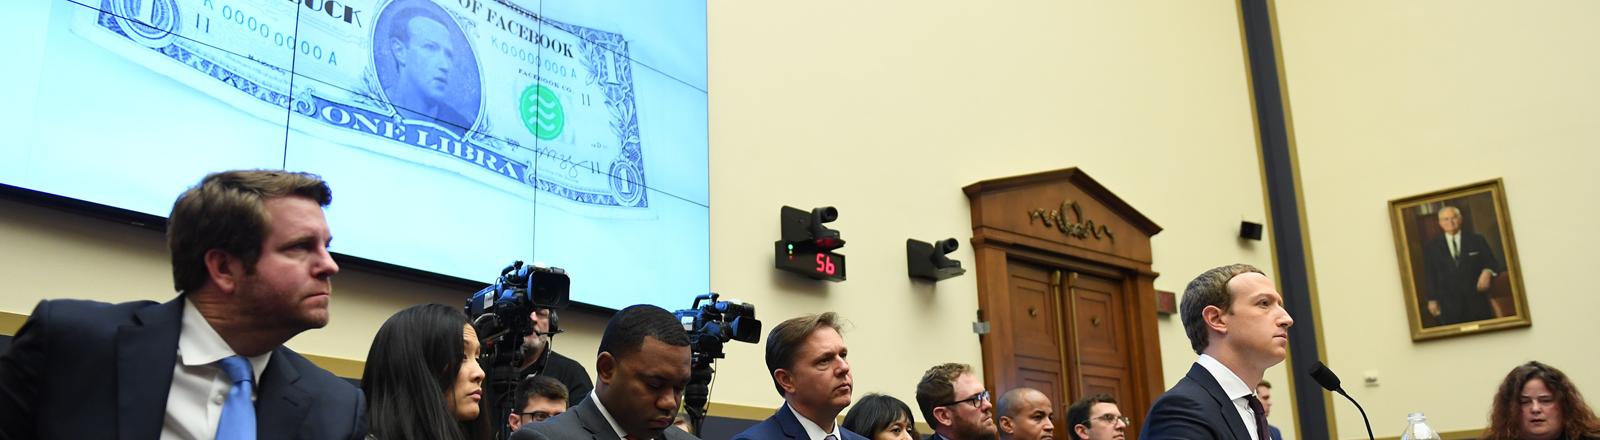 Facebook-Chef Mark Zuckerberg bei der Anhörung vor dem Finanzdienstleistungsausschuss des US-Repräsentantenhauses